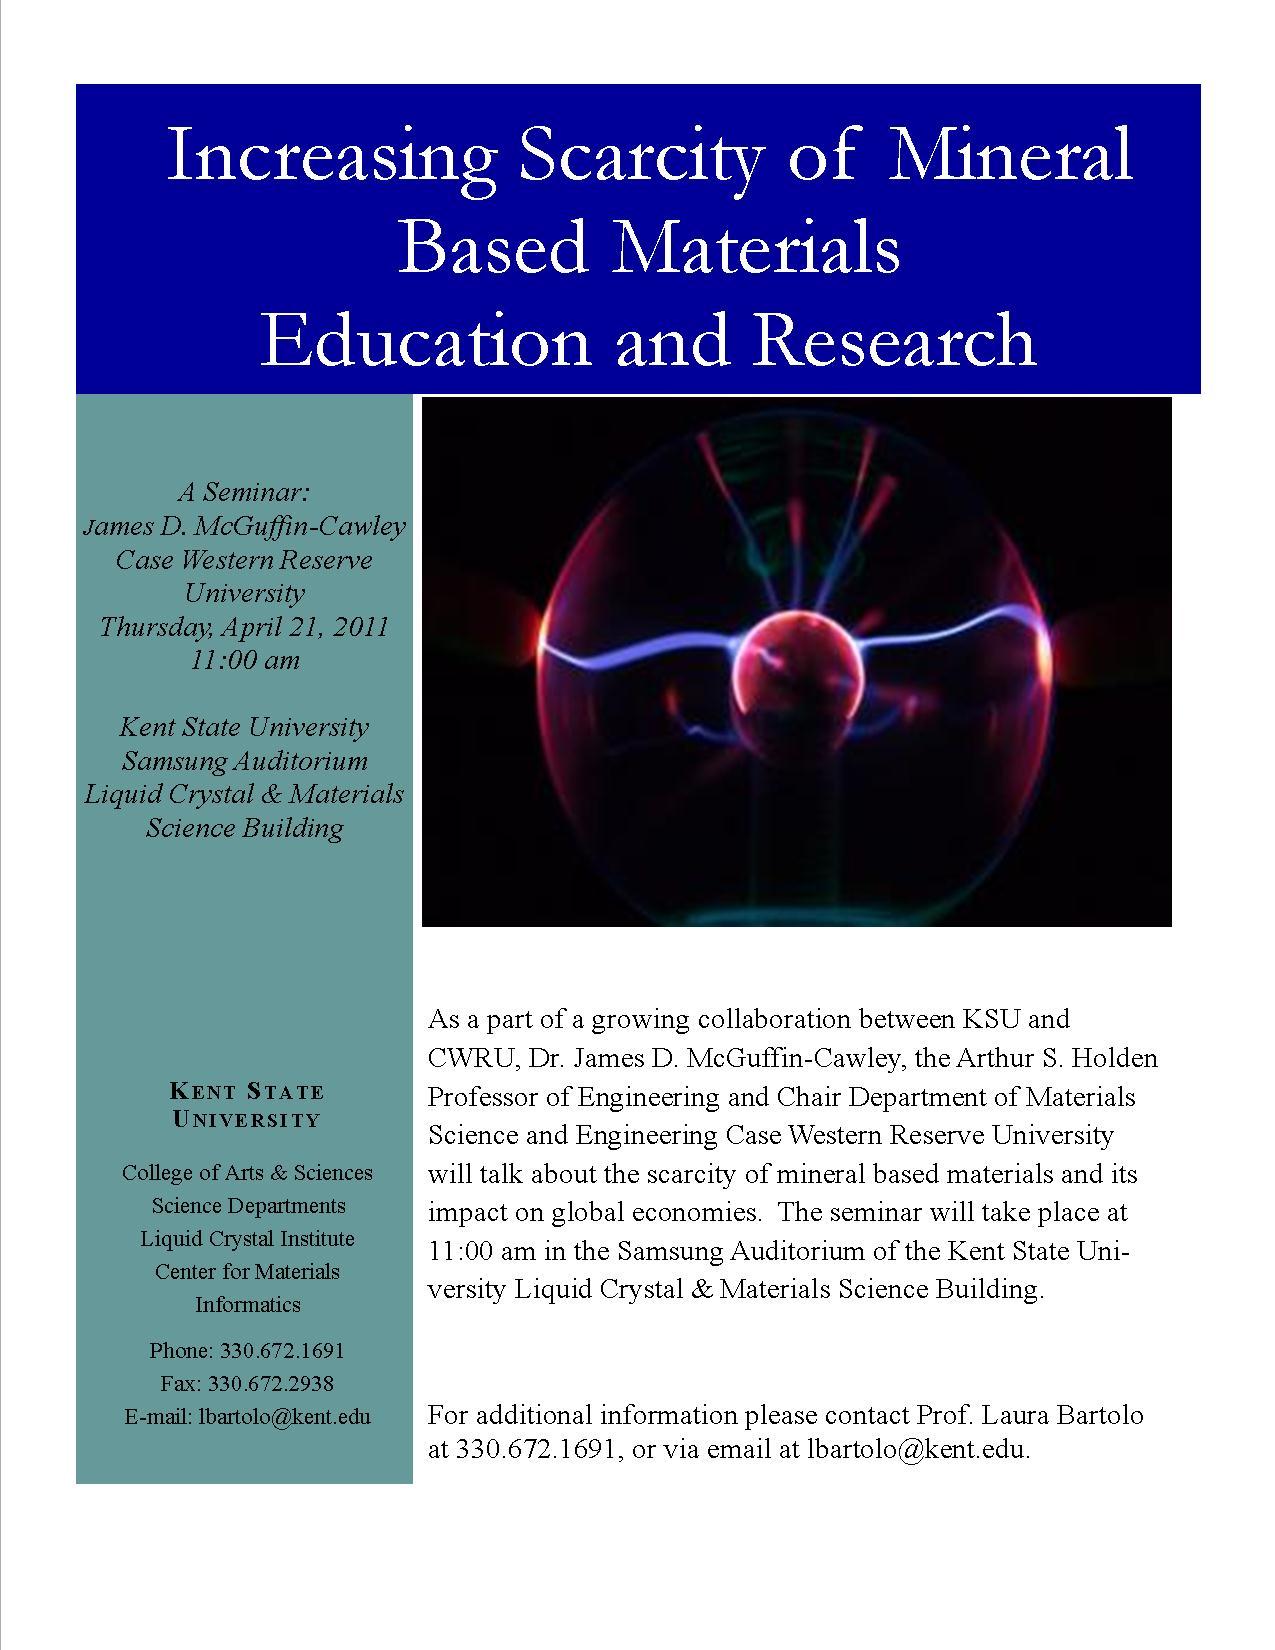 Materials Informatics flyer